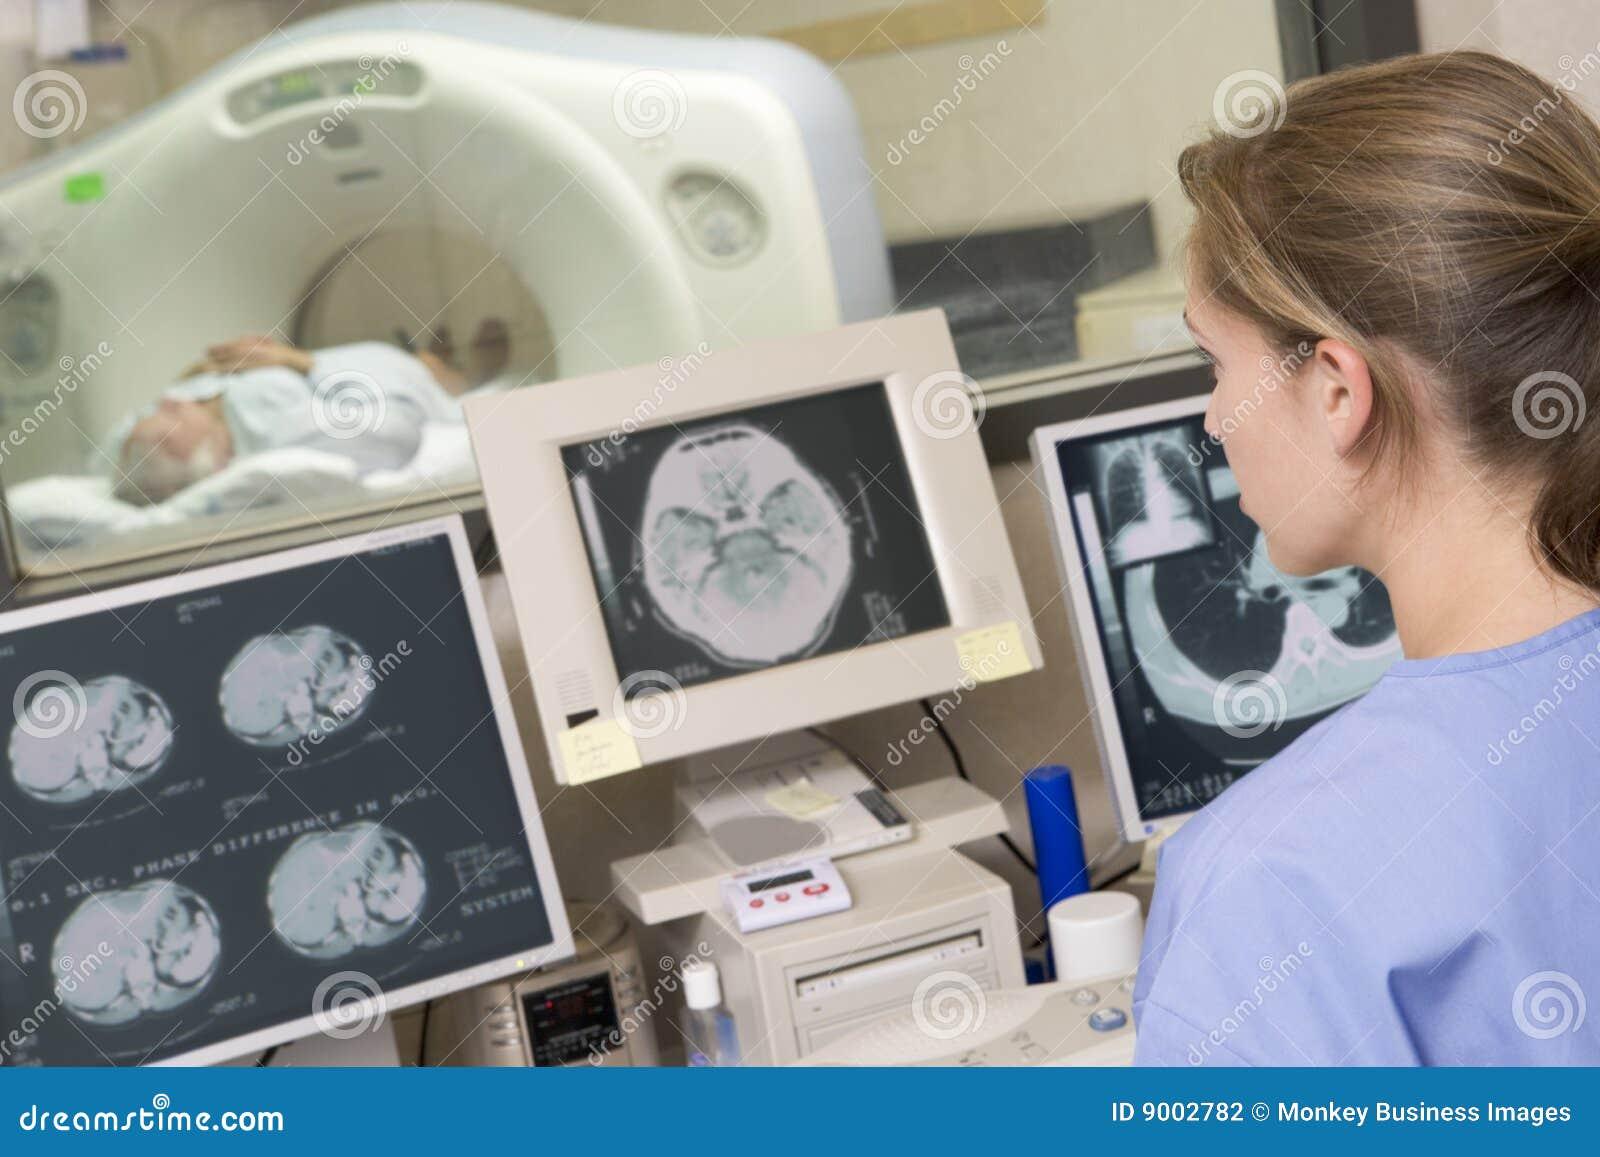 Krankenschwester-Überwachung-Patient, der CAT-Scan hat